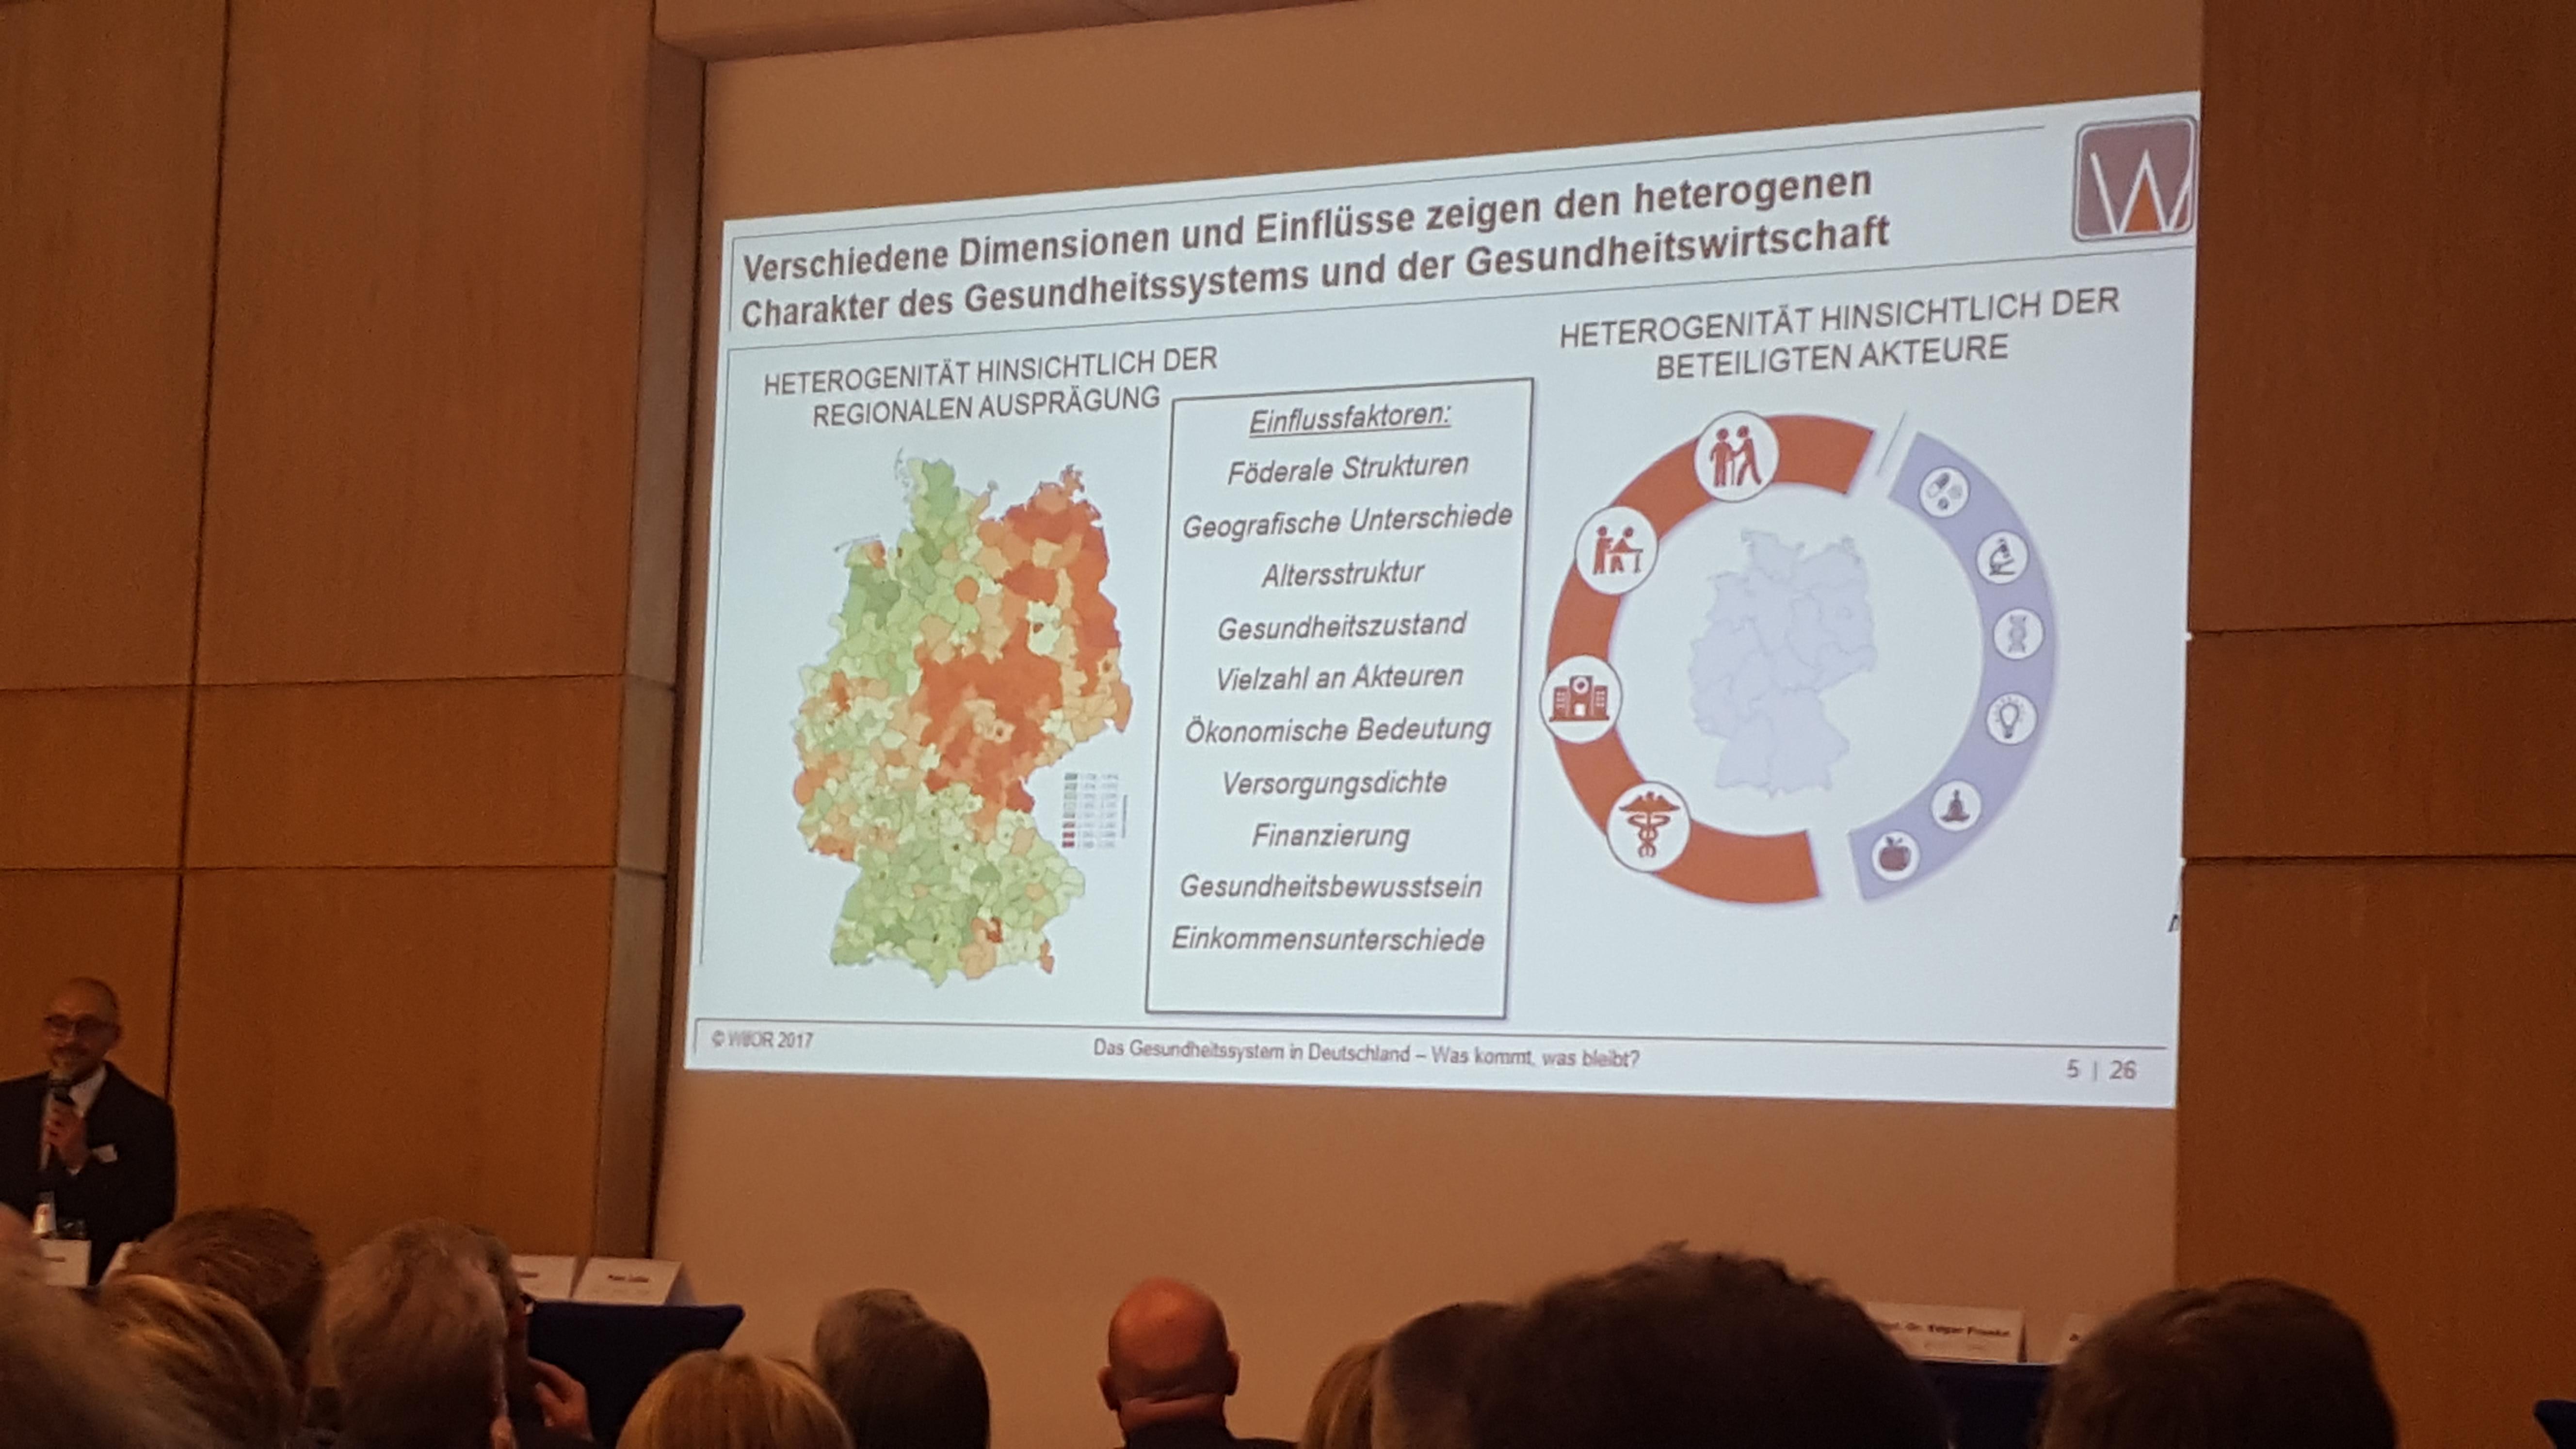 """Baunataler Konferenz zum Thema """"Zukunft der medizinischen Versorgung in ländlich strukturierten Regionen"""" jetzt gerade Impulsvortrag von Benno Legler"""